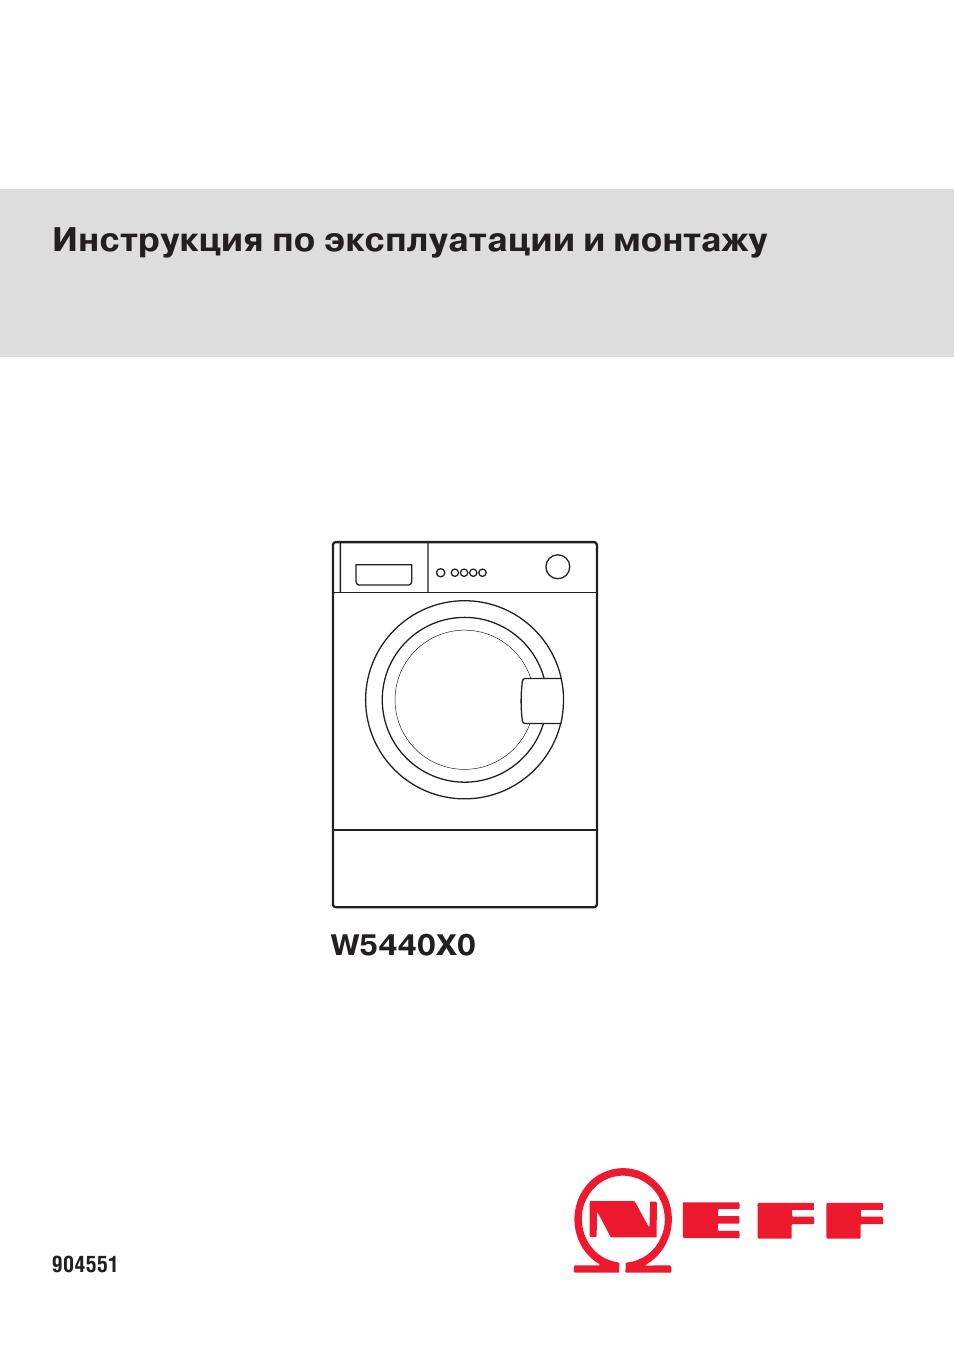 инструкция по эксплуатации neff b1641n2gb